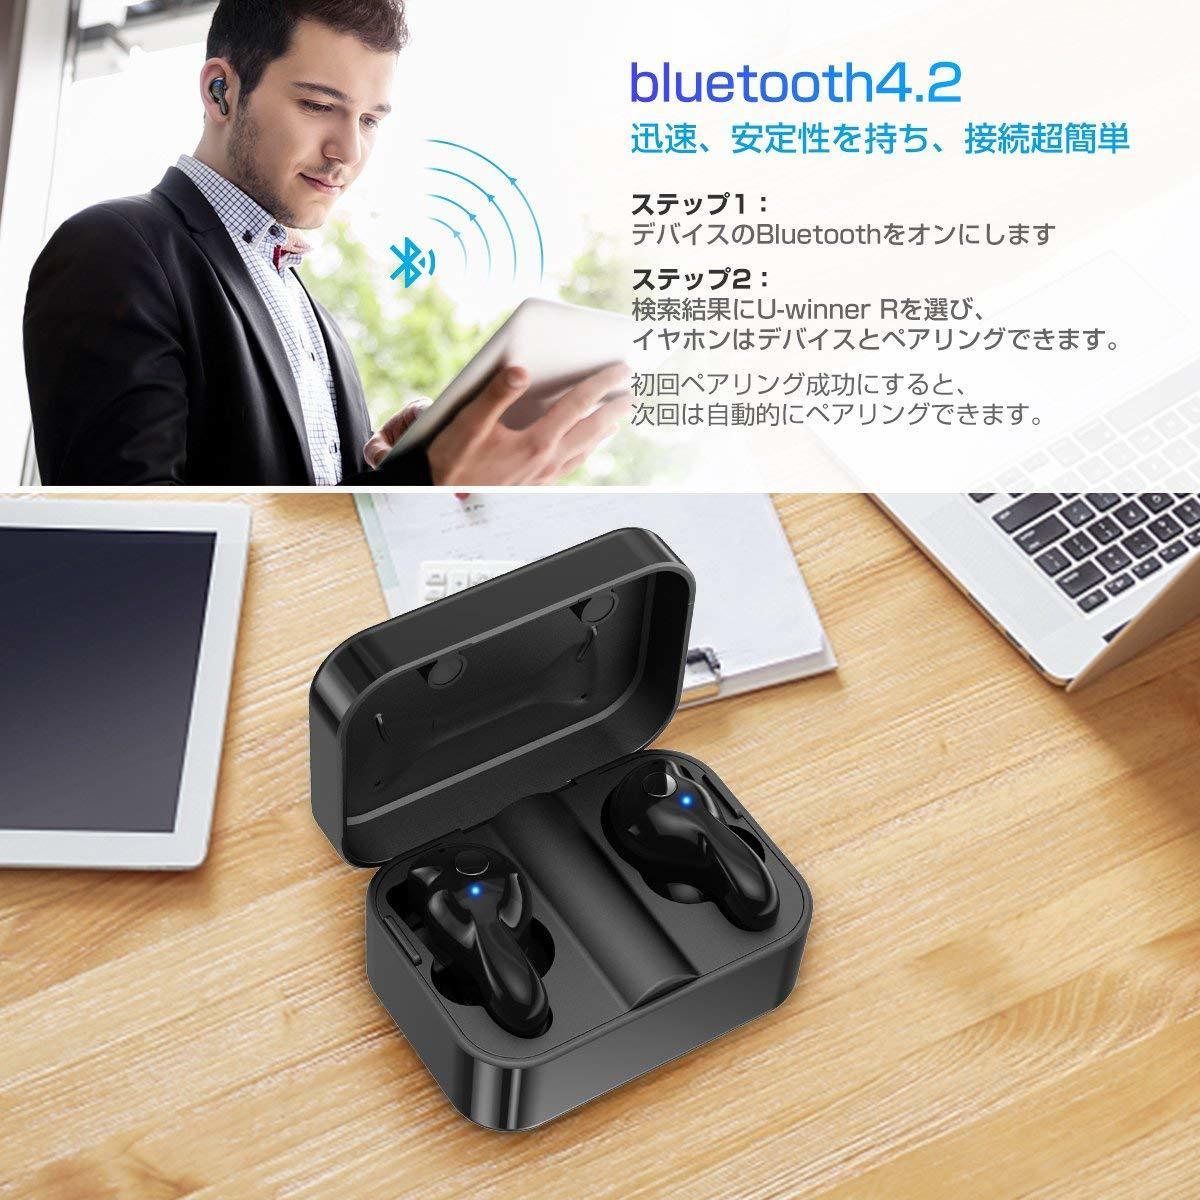 【定価4,999円】 Bluetooth イヤホン ワイヤレス 両耳 片耳 自動ペアリング 自動ON/OFF 高音質 IP67 iPhone Android 対応 Lcsriya ブラック_画像3